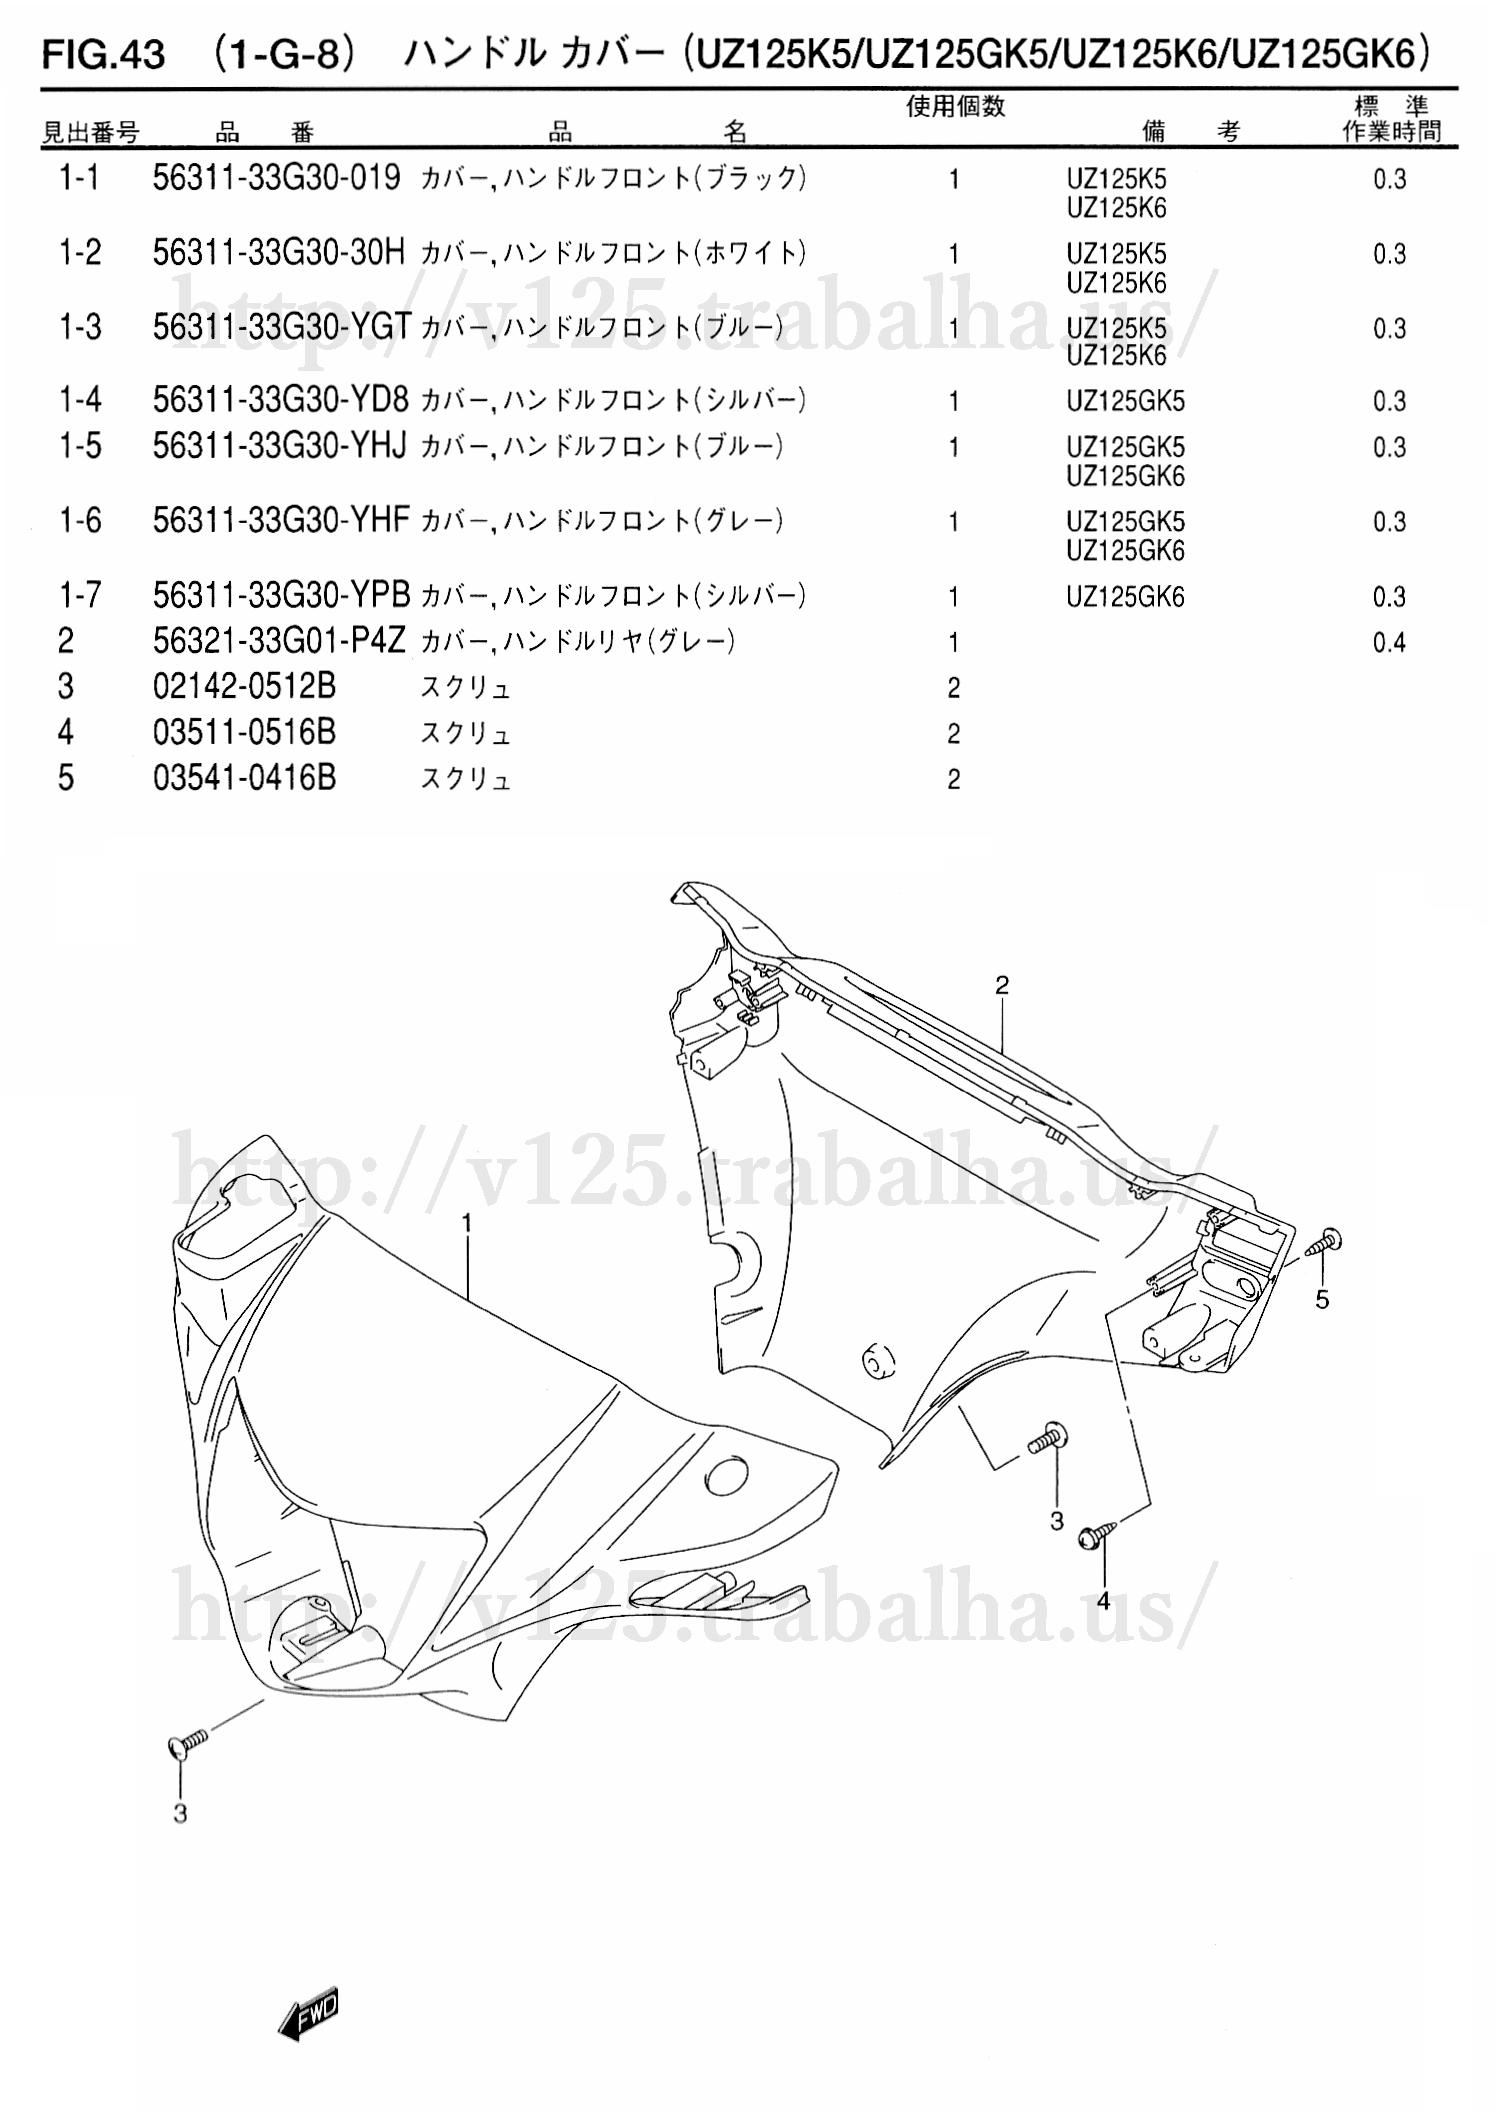 FIG.43(1-G-8)ハンドルカバー(UZ125K5/UZ125GK5/UZ125K6/UZ125GK6)